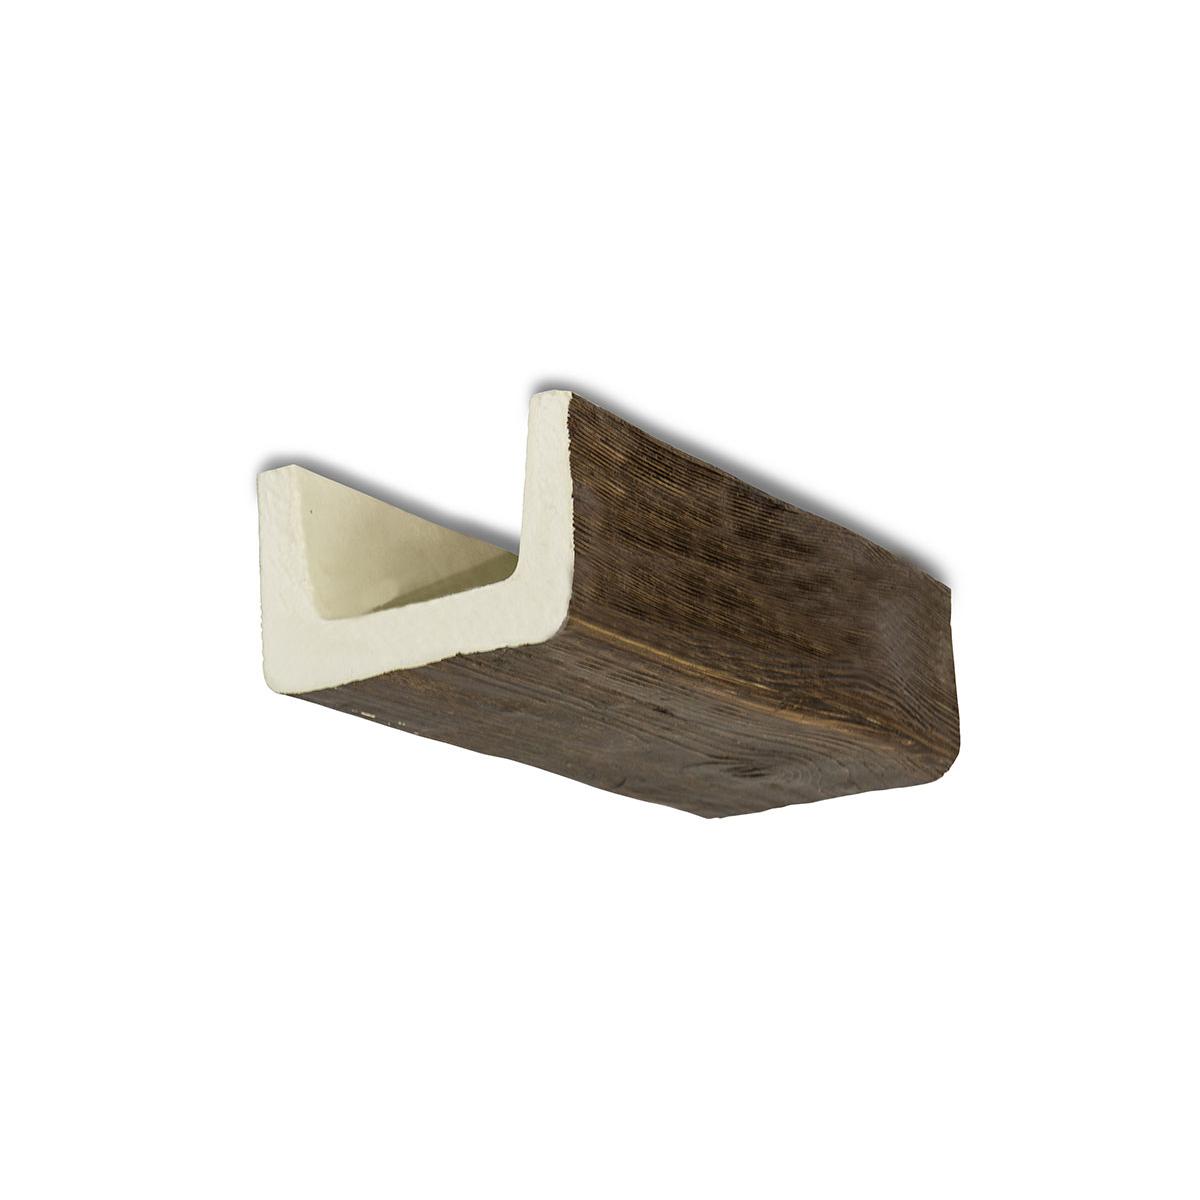 Viga 300x12,5x8 imitación madera